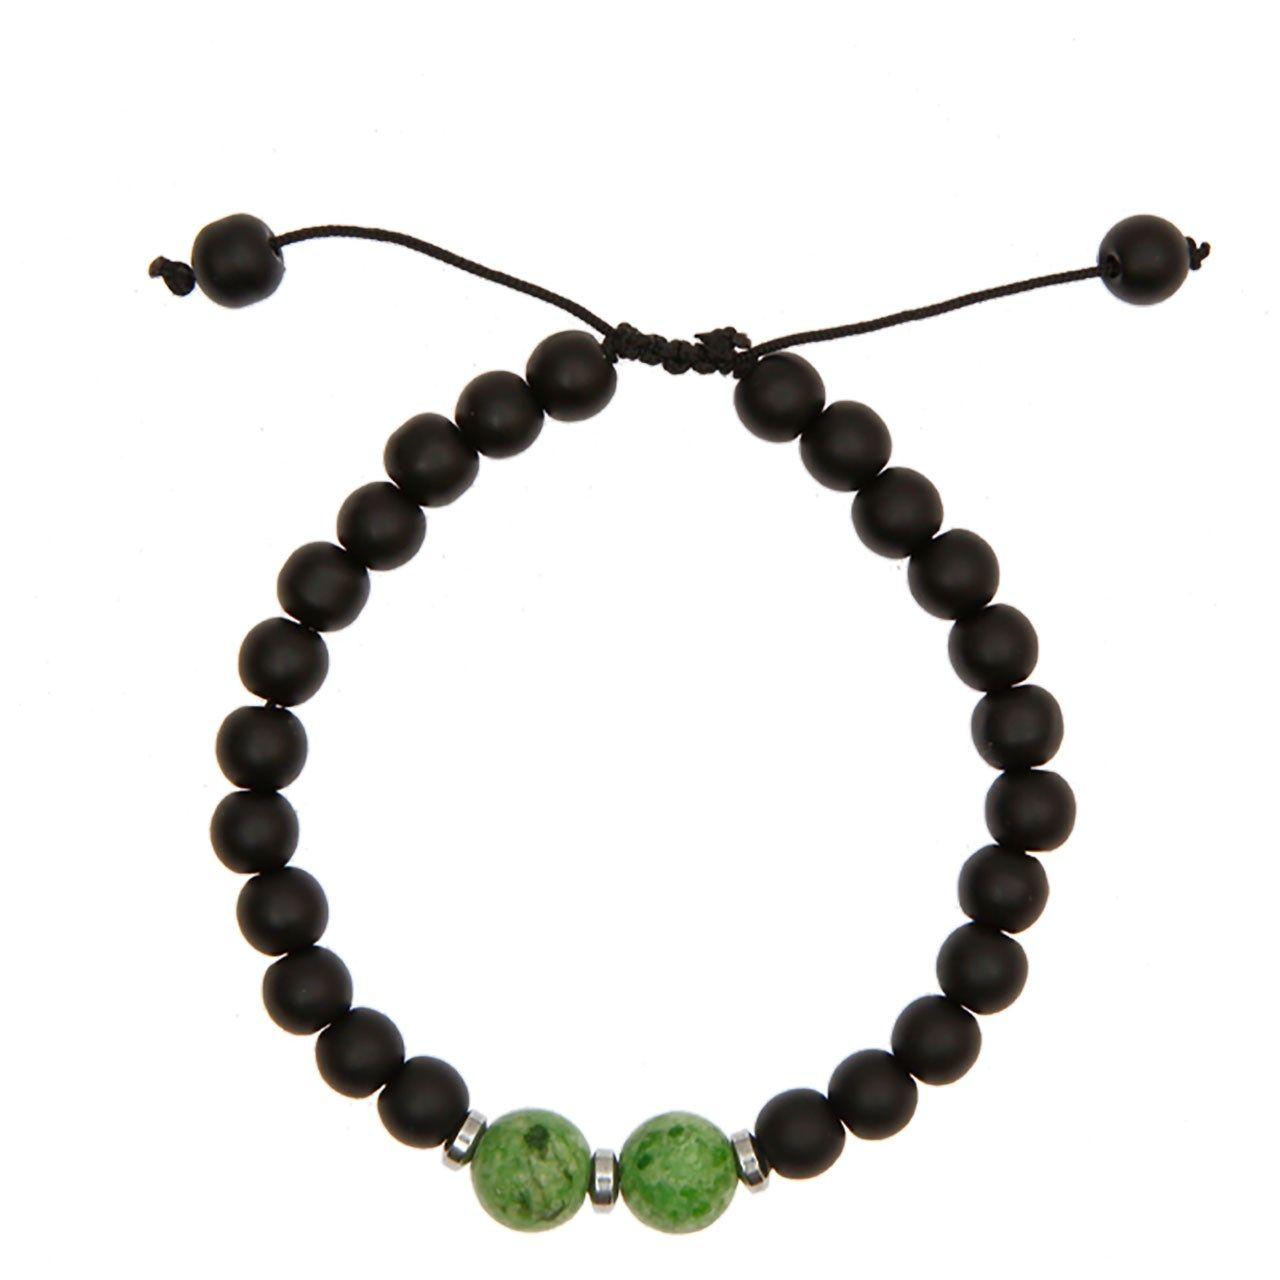 دستبند آرامیس مدل مهره سبز C115 -  - 1